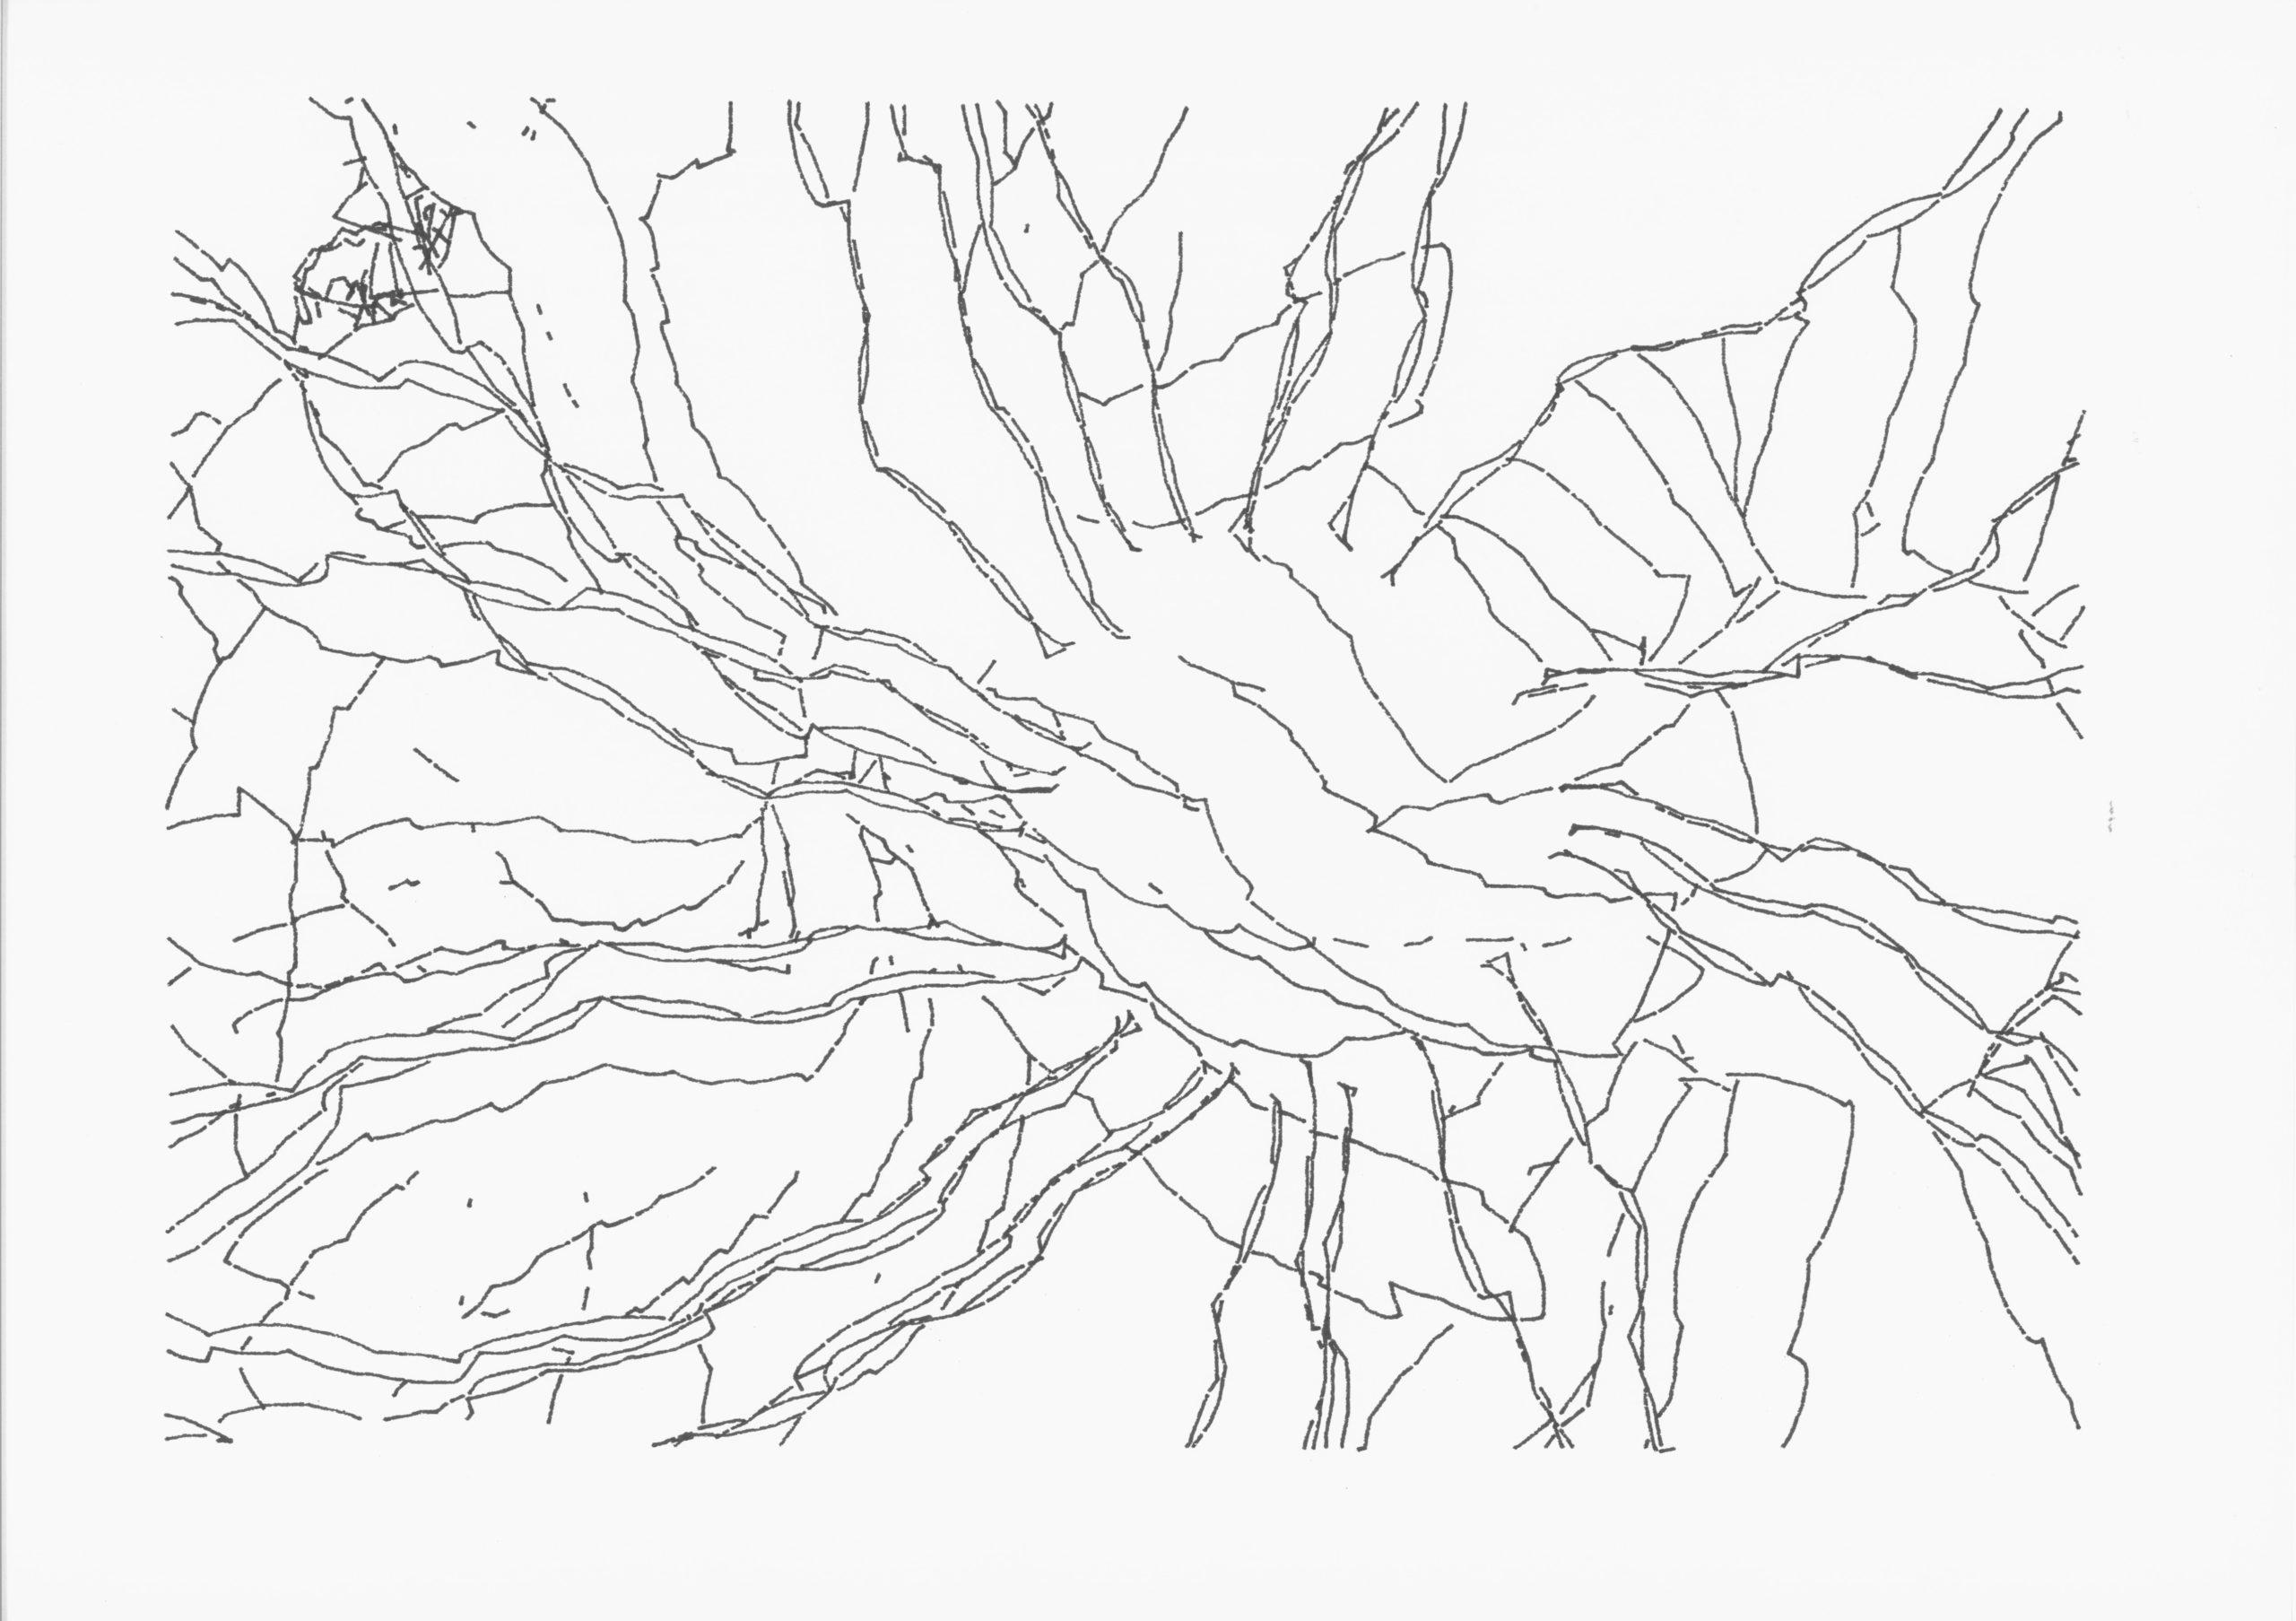 Peter Beyls, RBO, Plotterzeichnung, Tinte auf Papier, 64 x 90 cm, 2002-2012